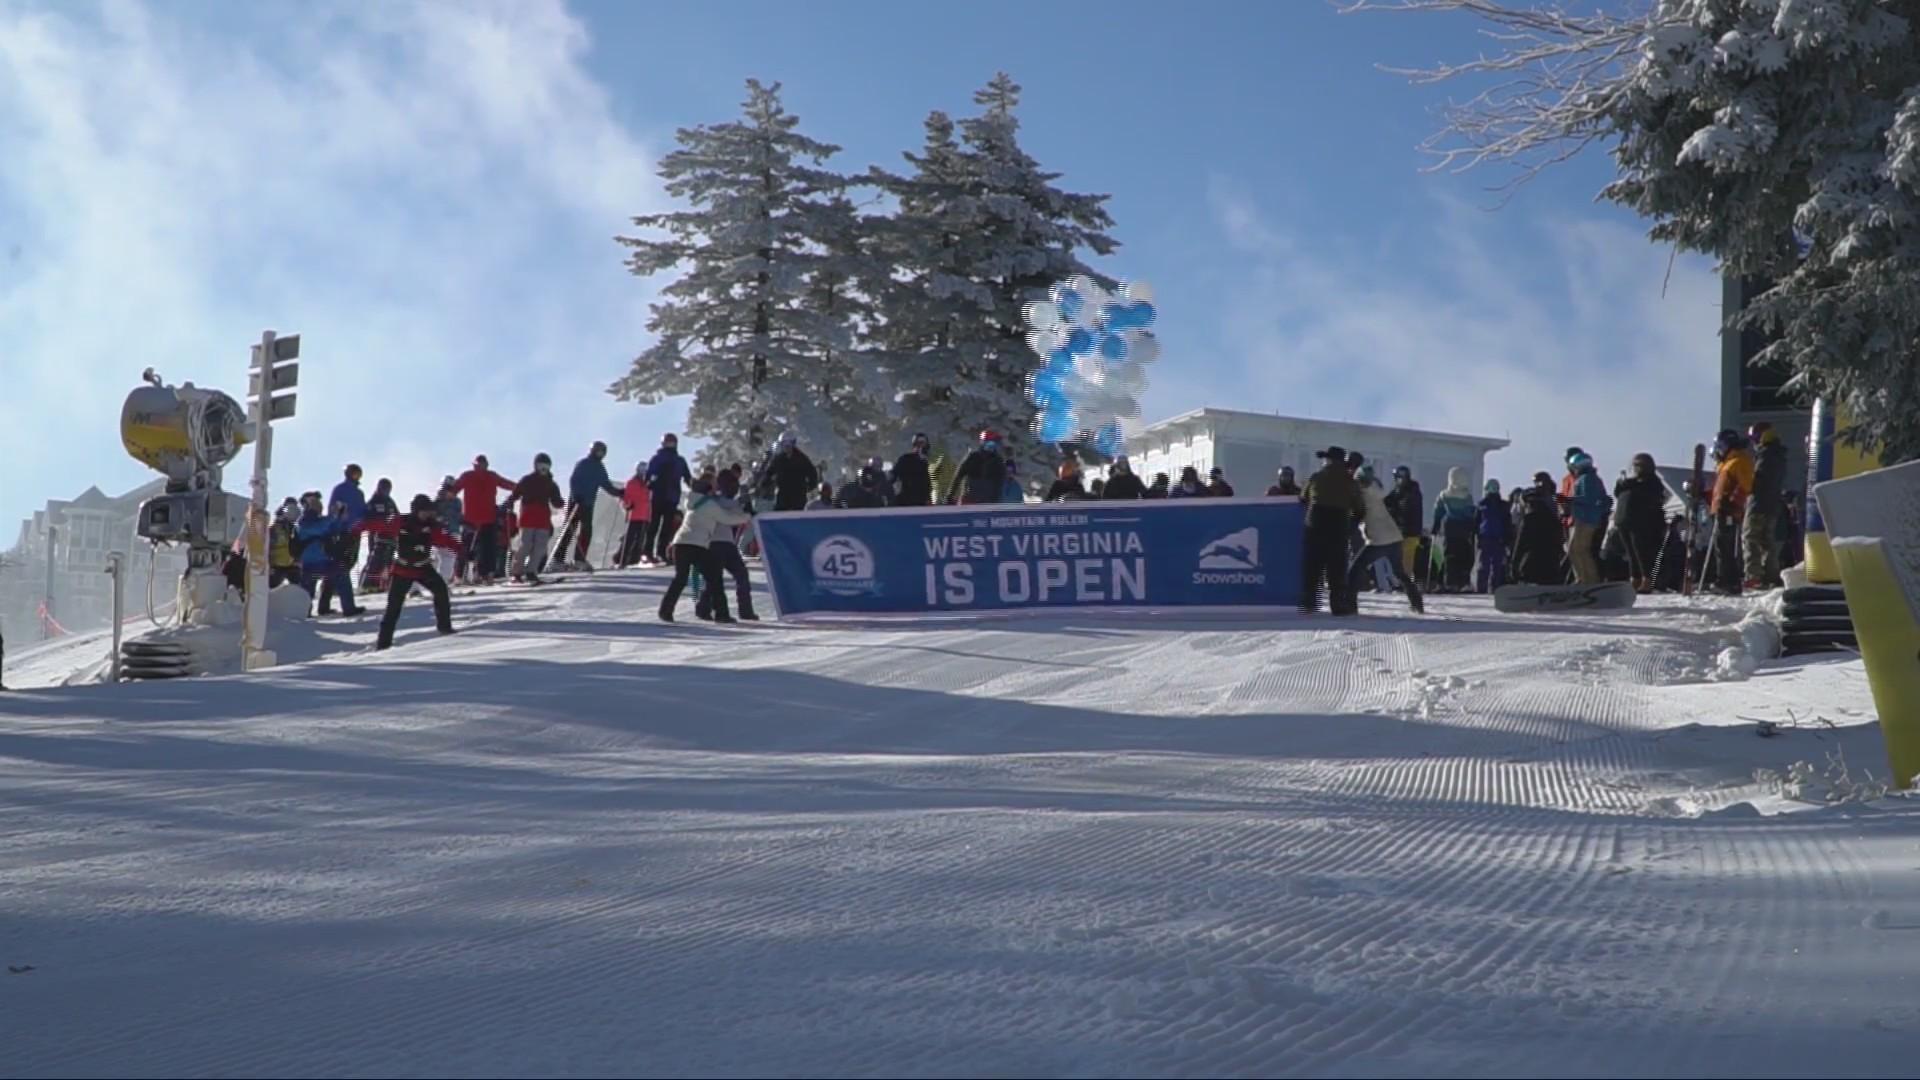 It's Officially Ski Season in West Virginia - Snowshoe is Open!